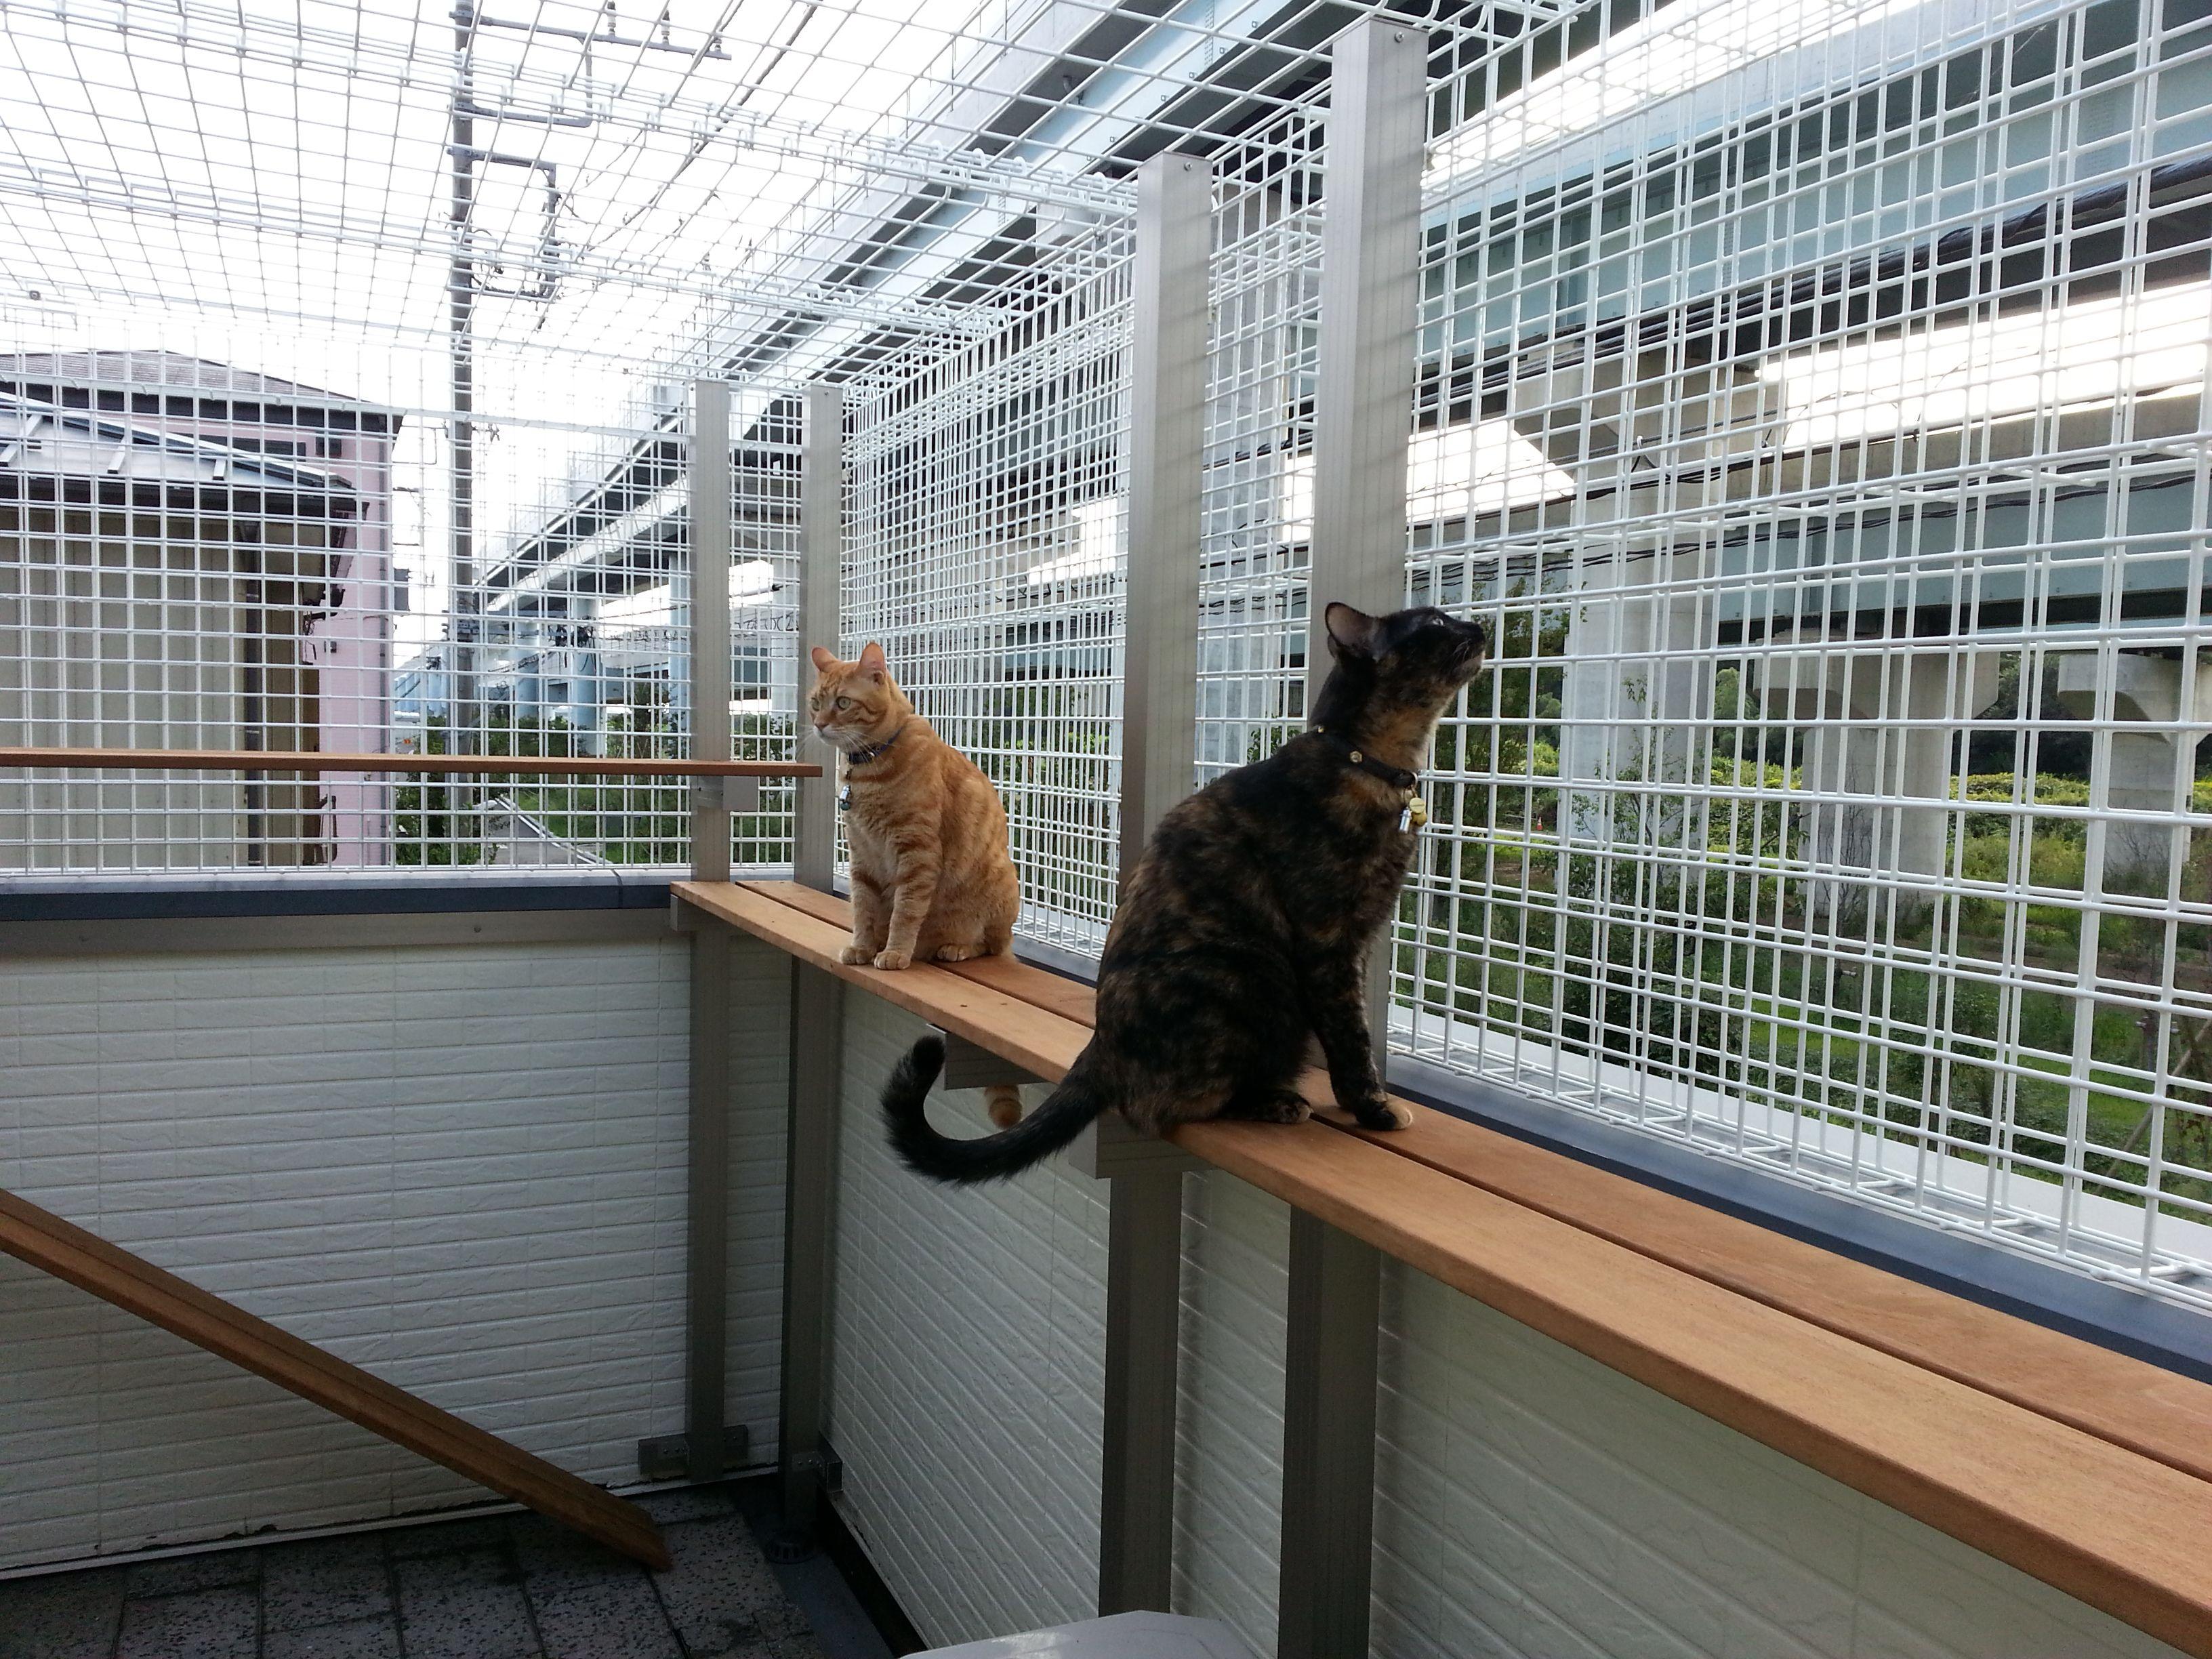 猫の屋外ケージ 猫小屋 猫の遊び場